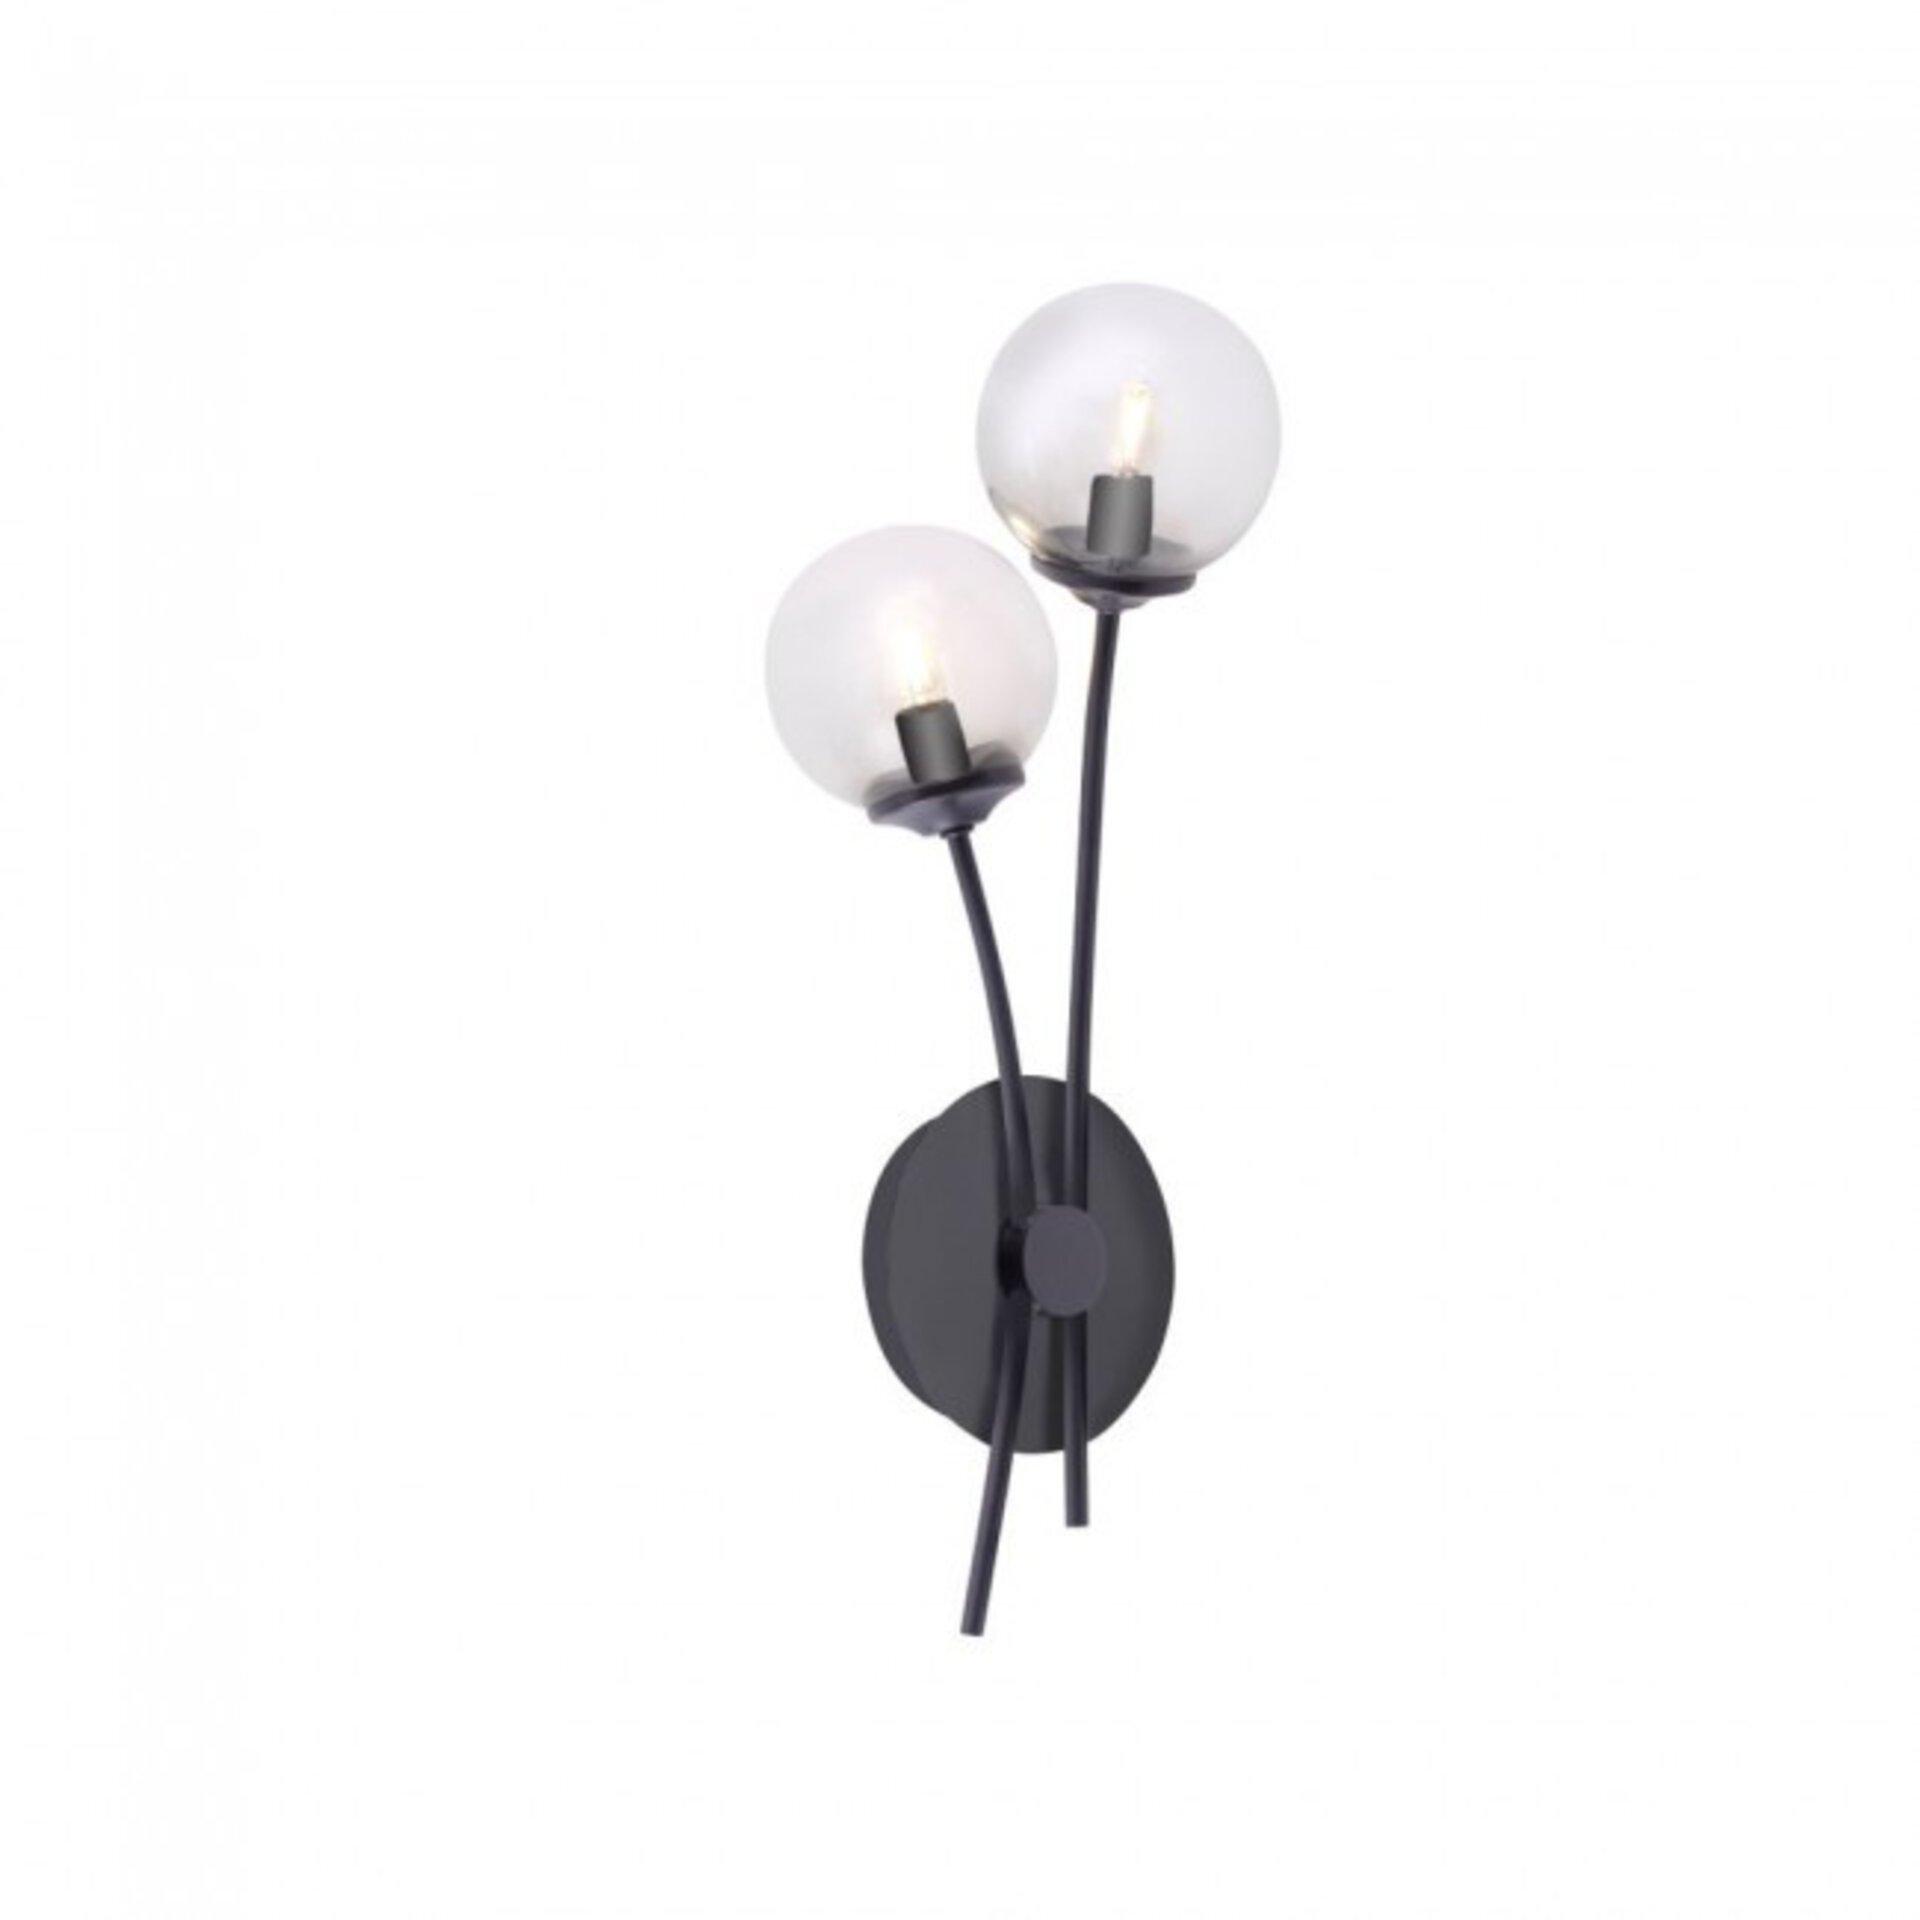 Wandleuchte WIDOW Paul Neuhaus Metall schwarz 21 x 15 x